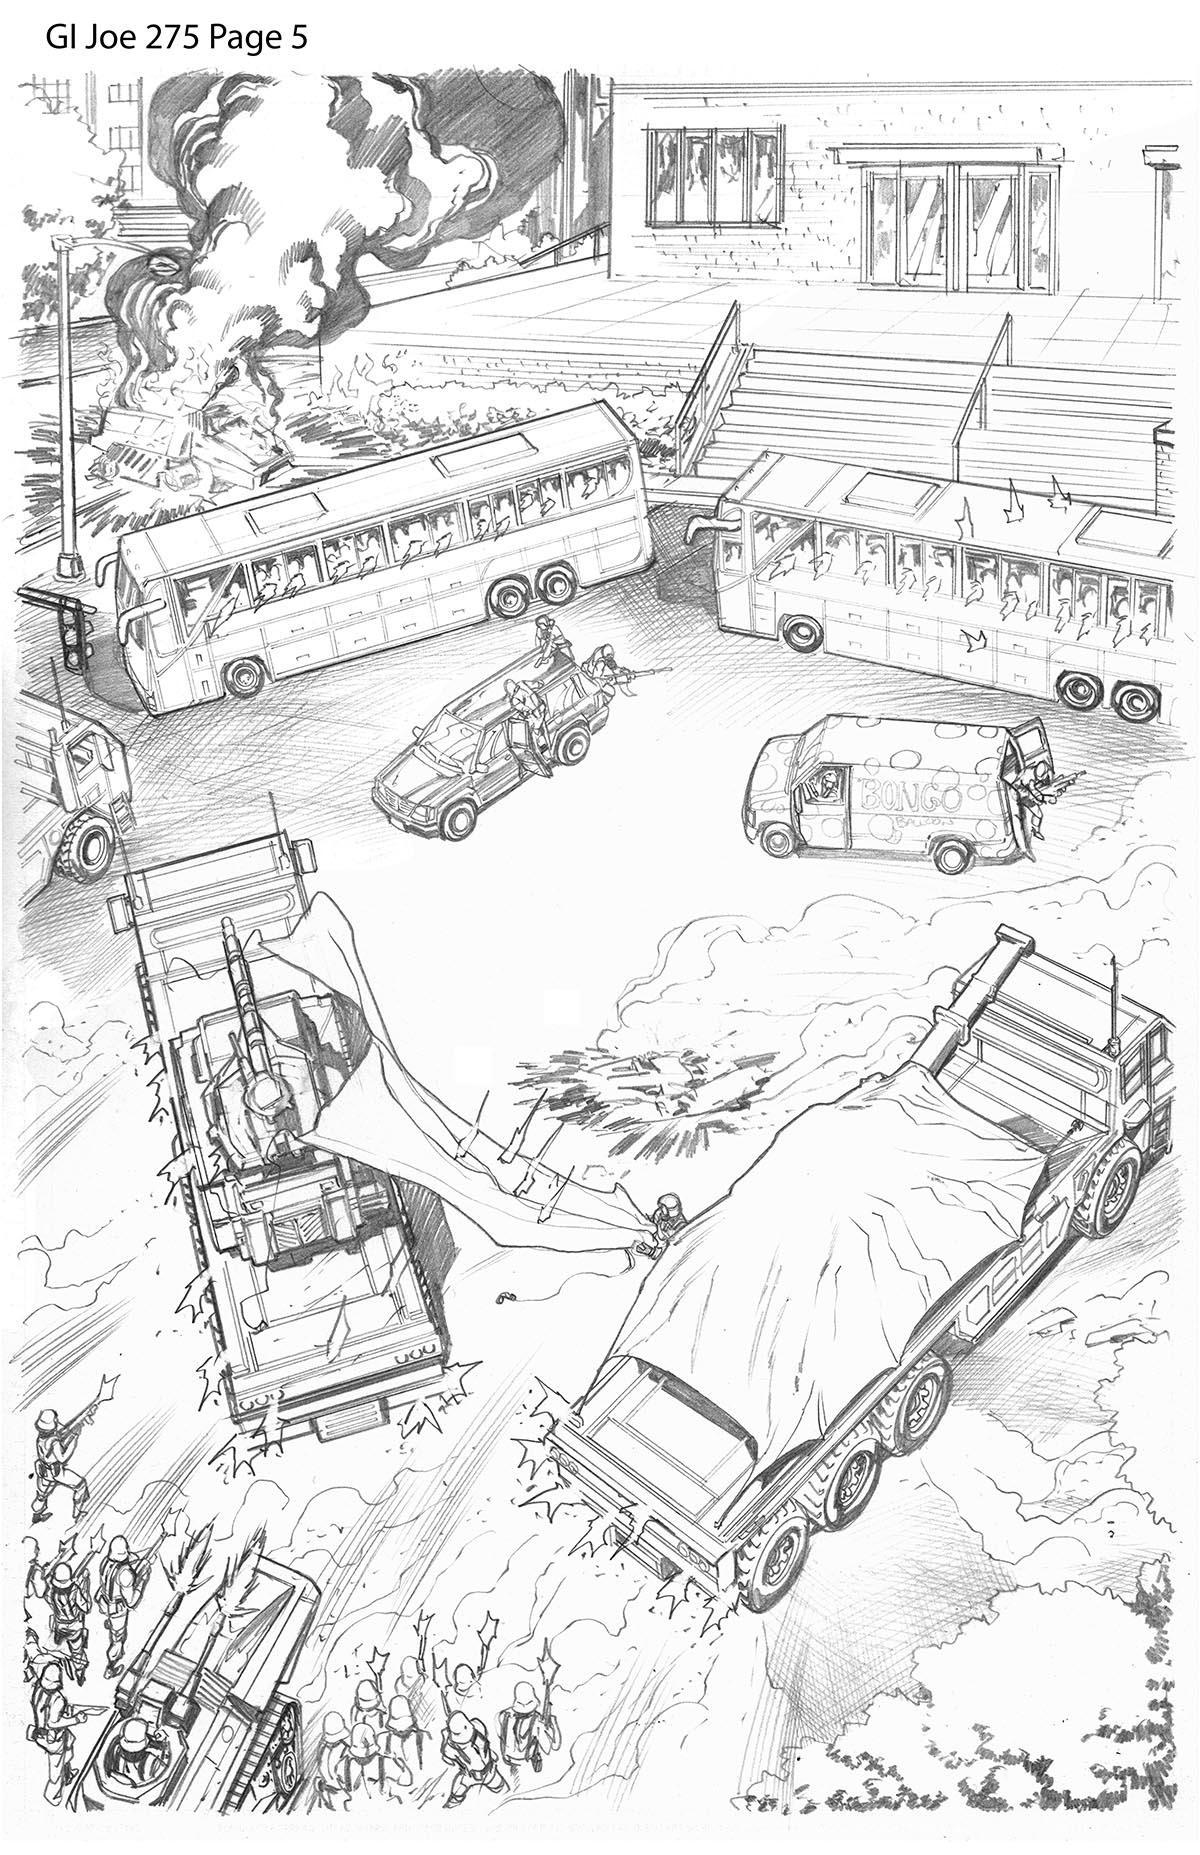 GI JOE #275 pg 5